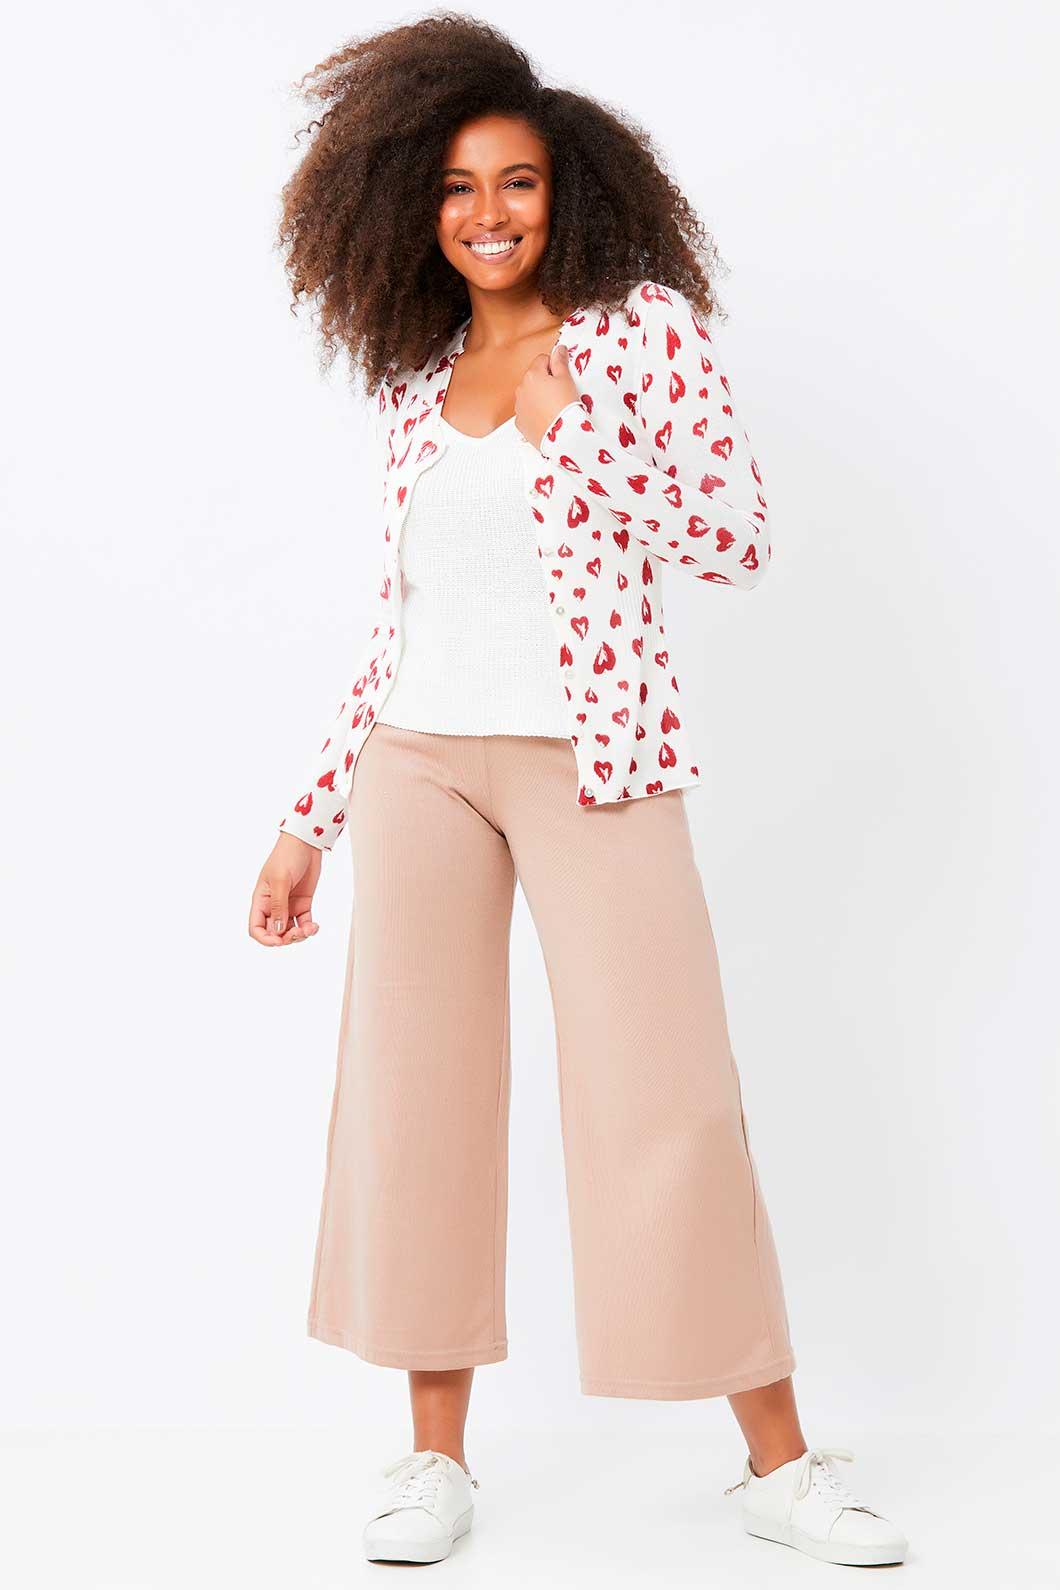 Casaqueto Ralm de tricot corações e botões - Branco